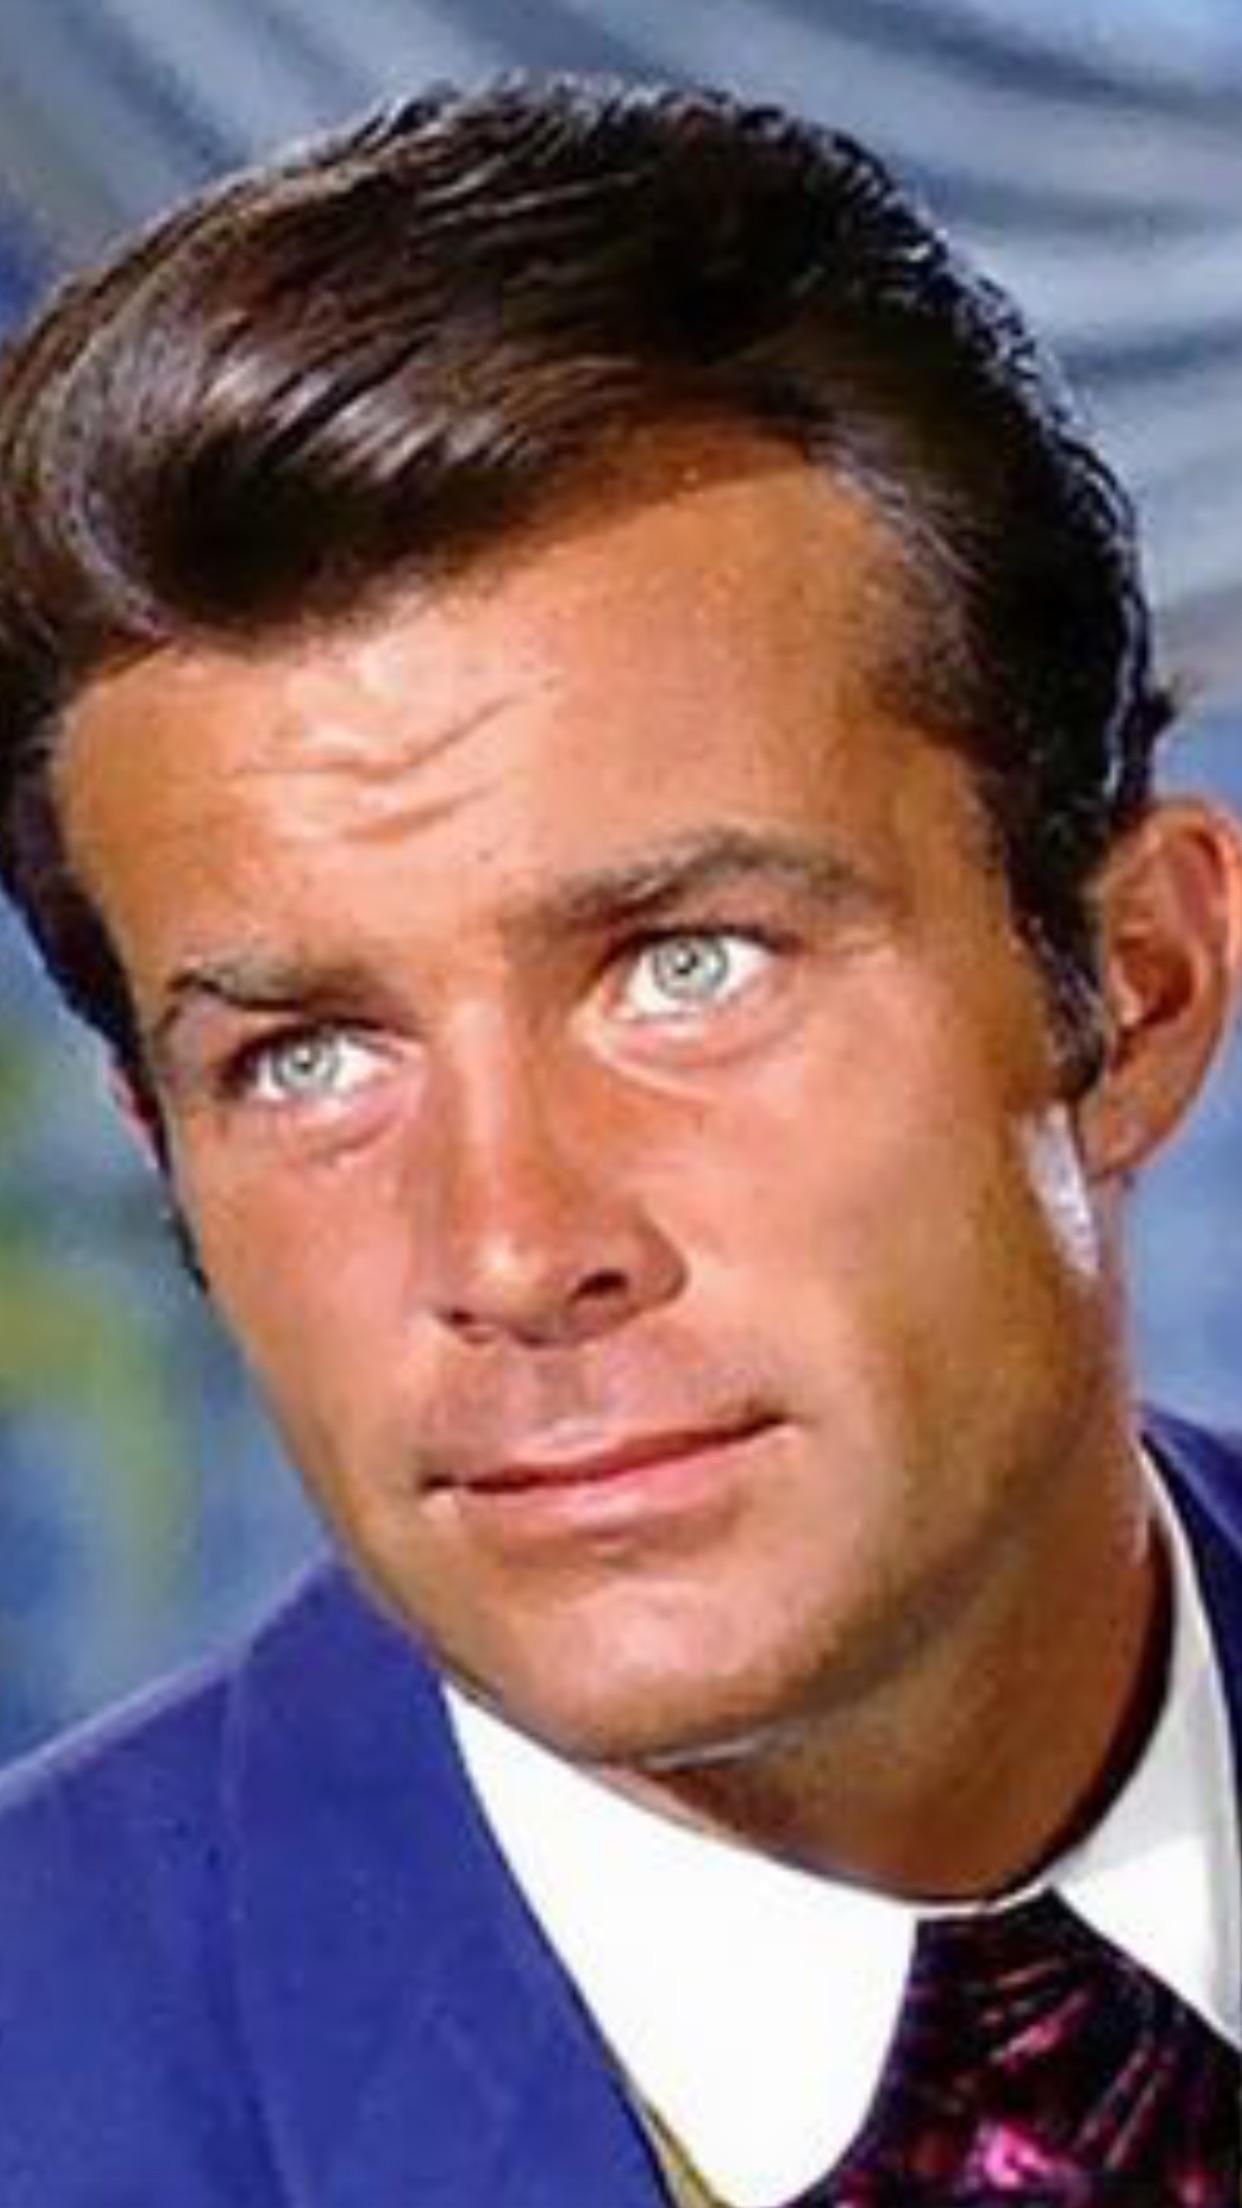 Robert Conrad as James West (1960s) http://ift.tt/2hkWks6